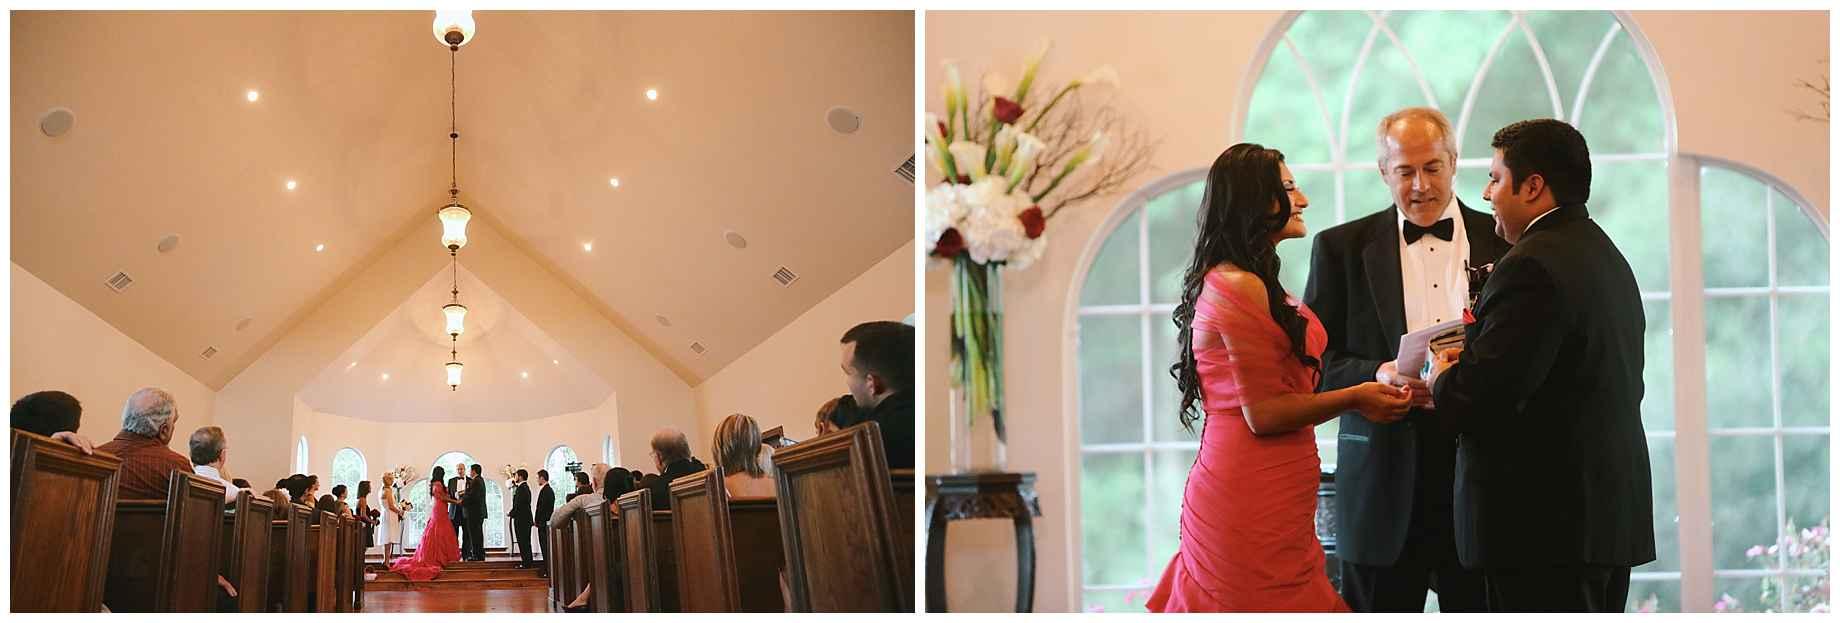 bella-sera-wedding-photos-14